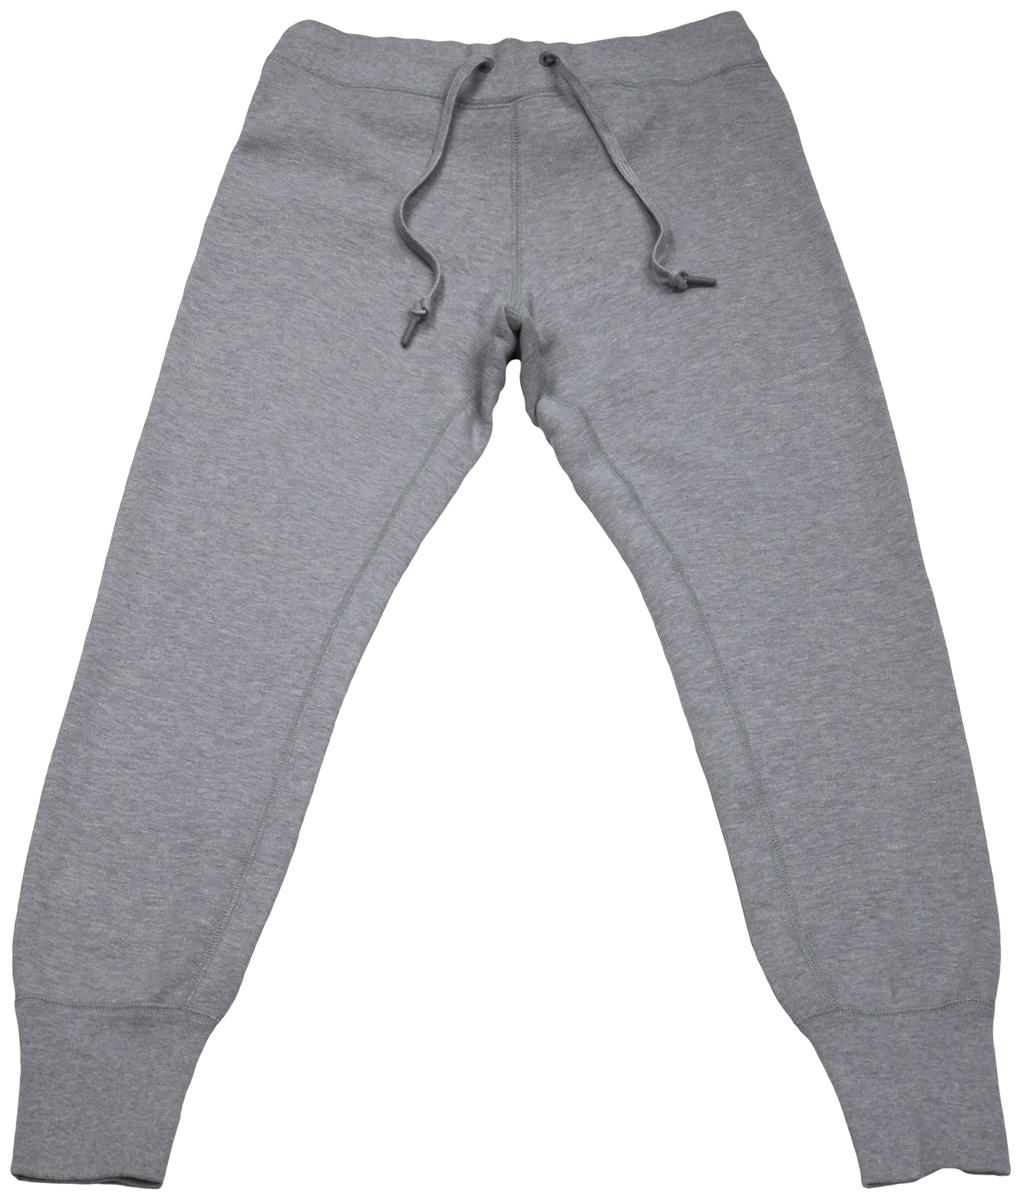 10001020001Удобные женские спортивные брюки Converse, выполненные из натурального хлопка, великолепно подойдут для отдыха, повседневной носки, а также для занятий спортом. Модель средней посадки имеет широкую эластичную резинку на поясе, объем талии регулируется при помощи шнурка-кулиски. Низ брючин дополнен широкими манжетами.